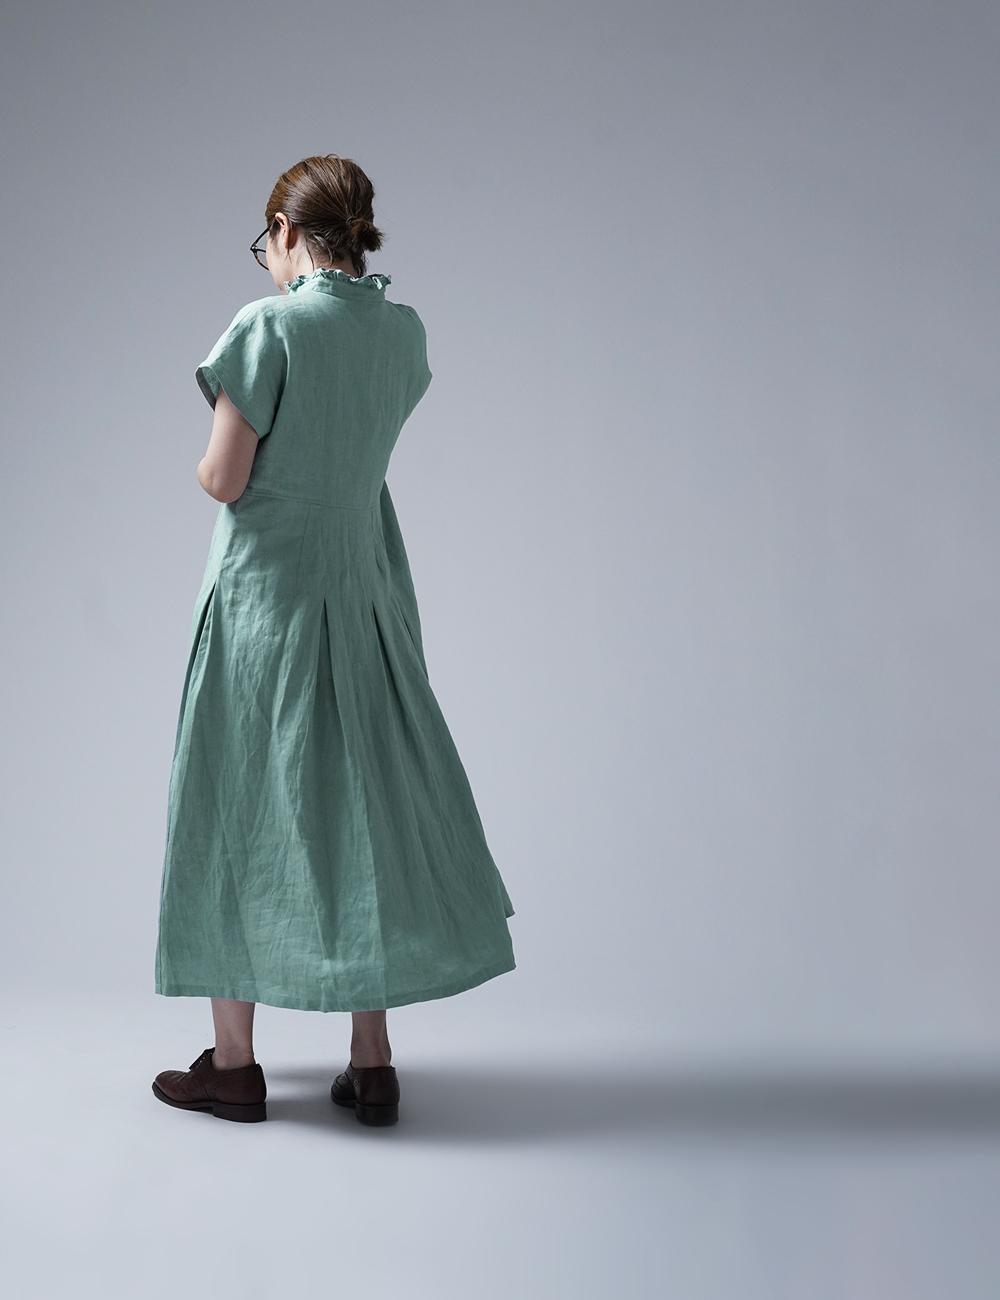 【wafu】Ruffle neck pintuck dress リネン ワンピース ハンドワッシャー 中厚 / スカイミント【free】a090a-skm2